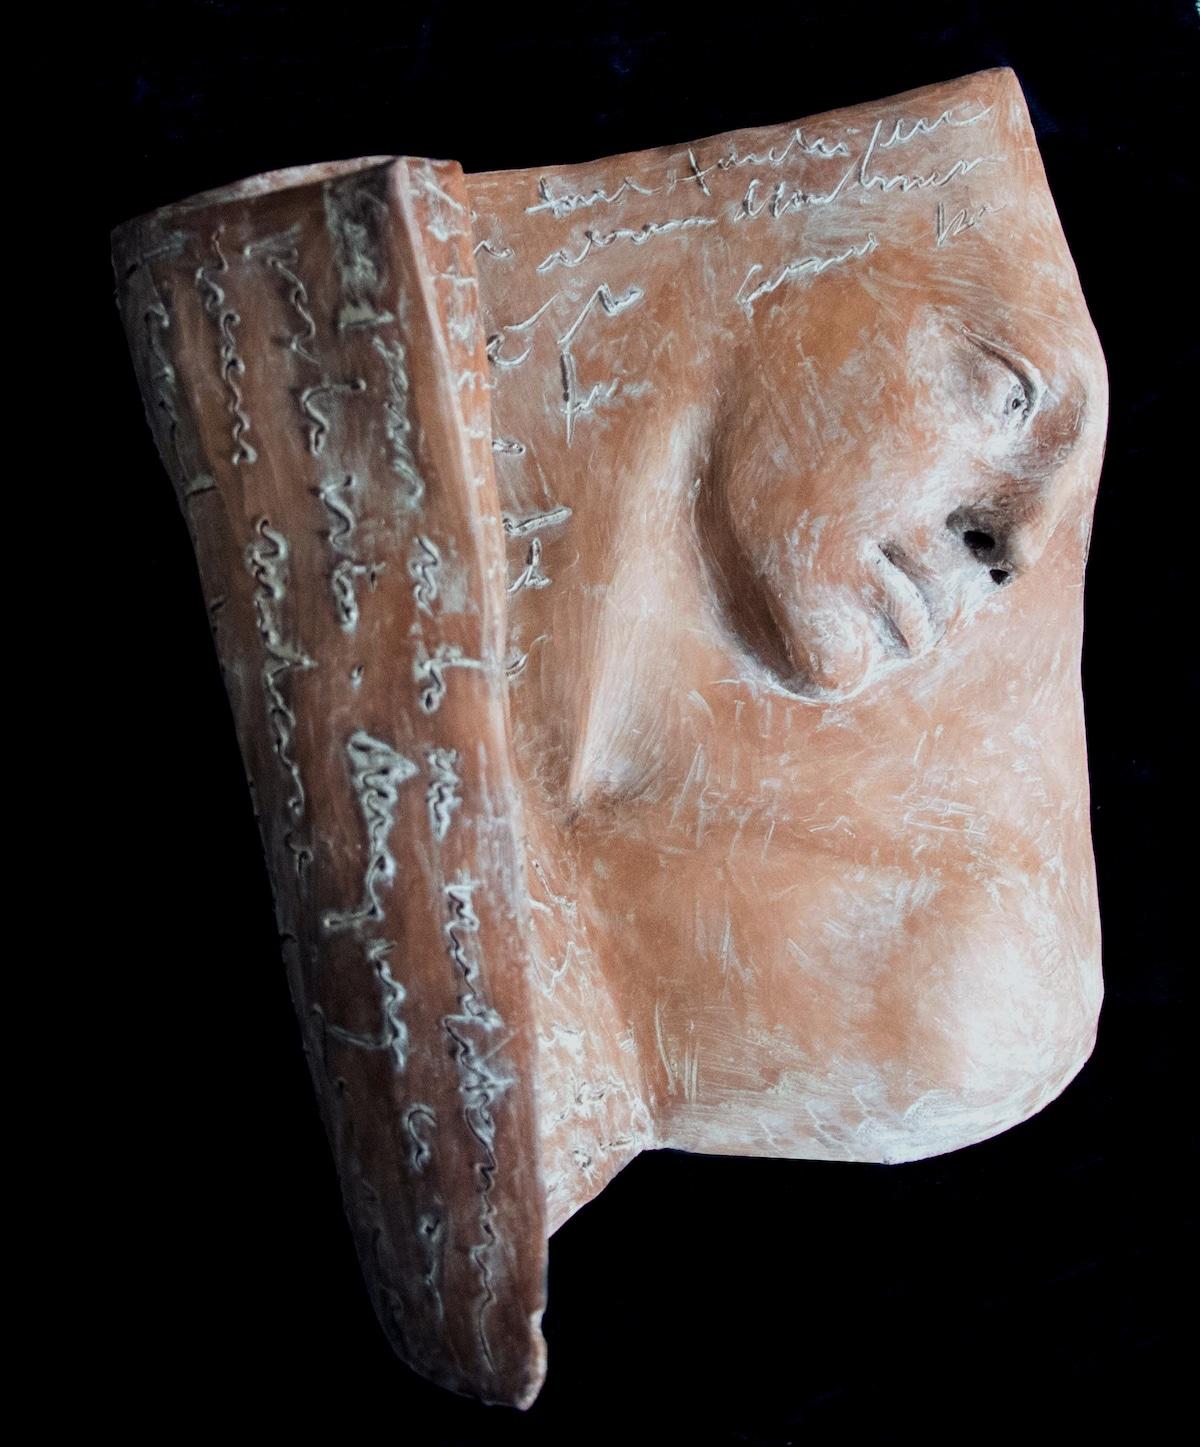 escultura de libro por Paola Grizi